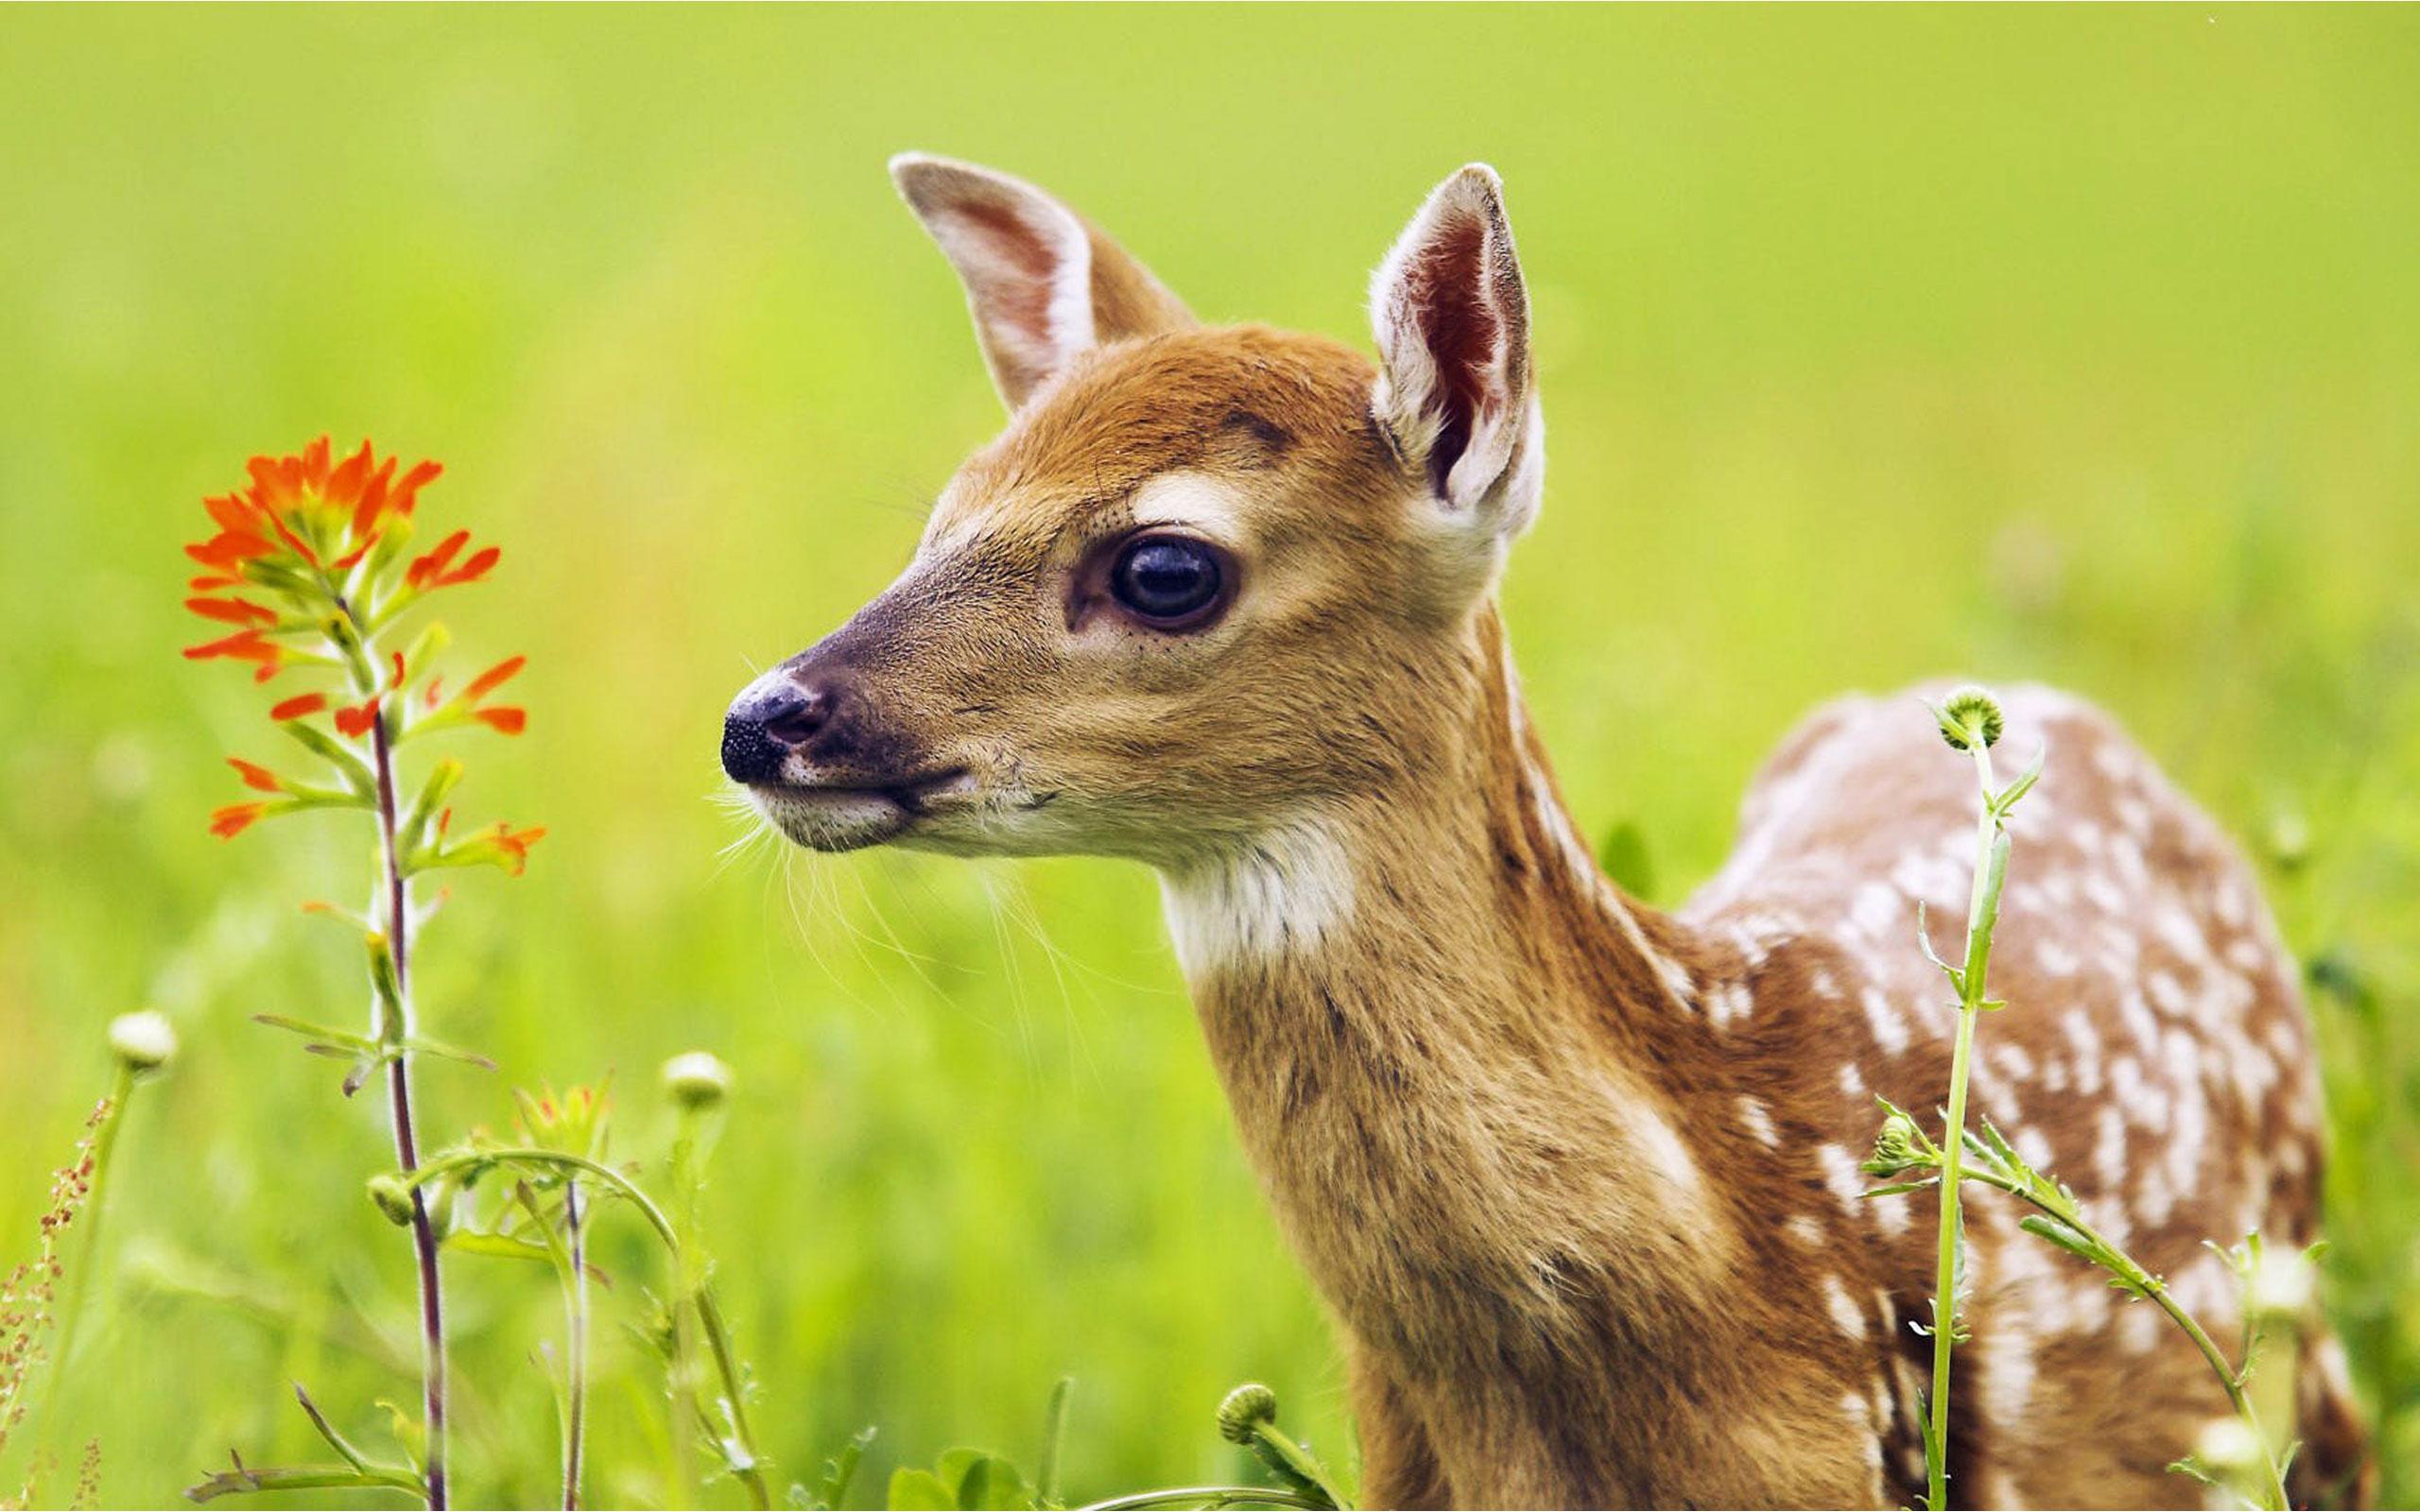 壁纸 动物 鹿 2560_1600